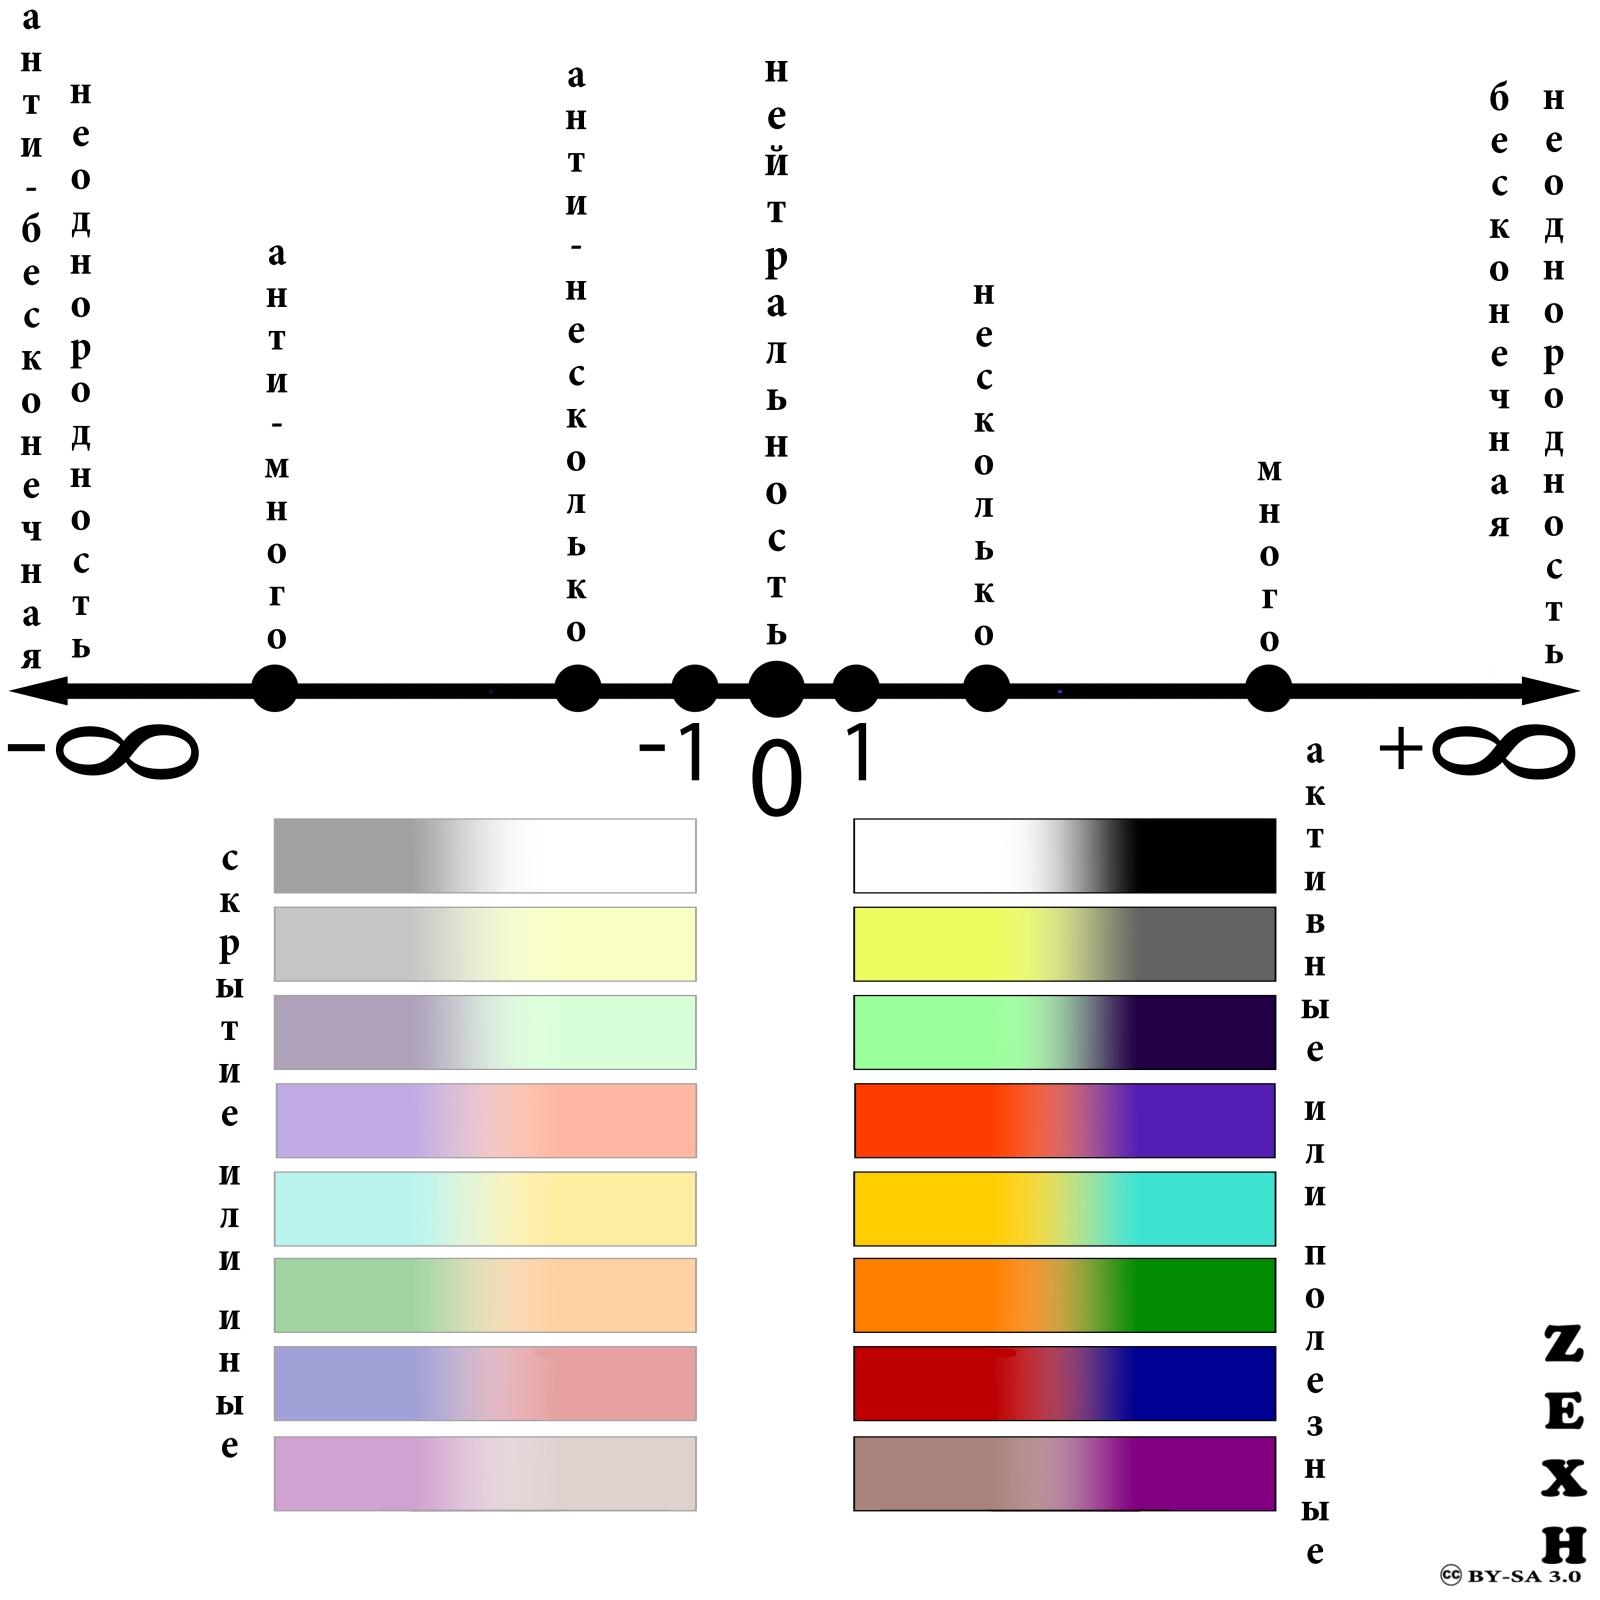 Мозаичный мета-интегральный подход: уровни, этажи слои - непрерывная шкала